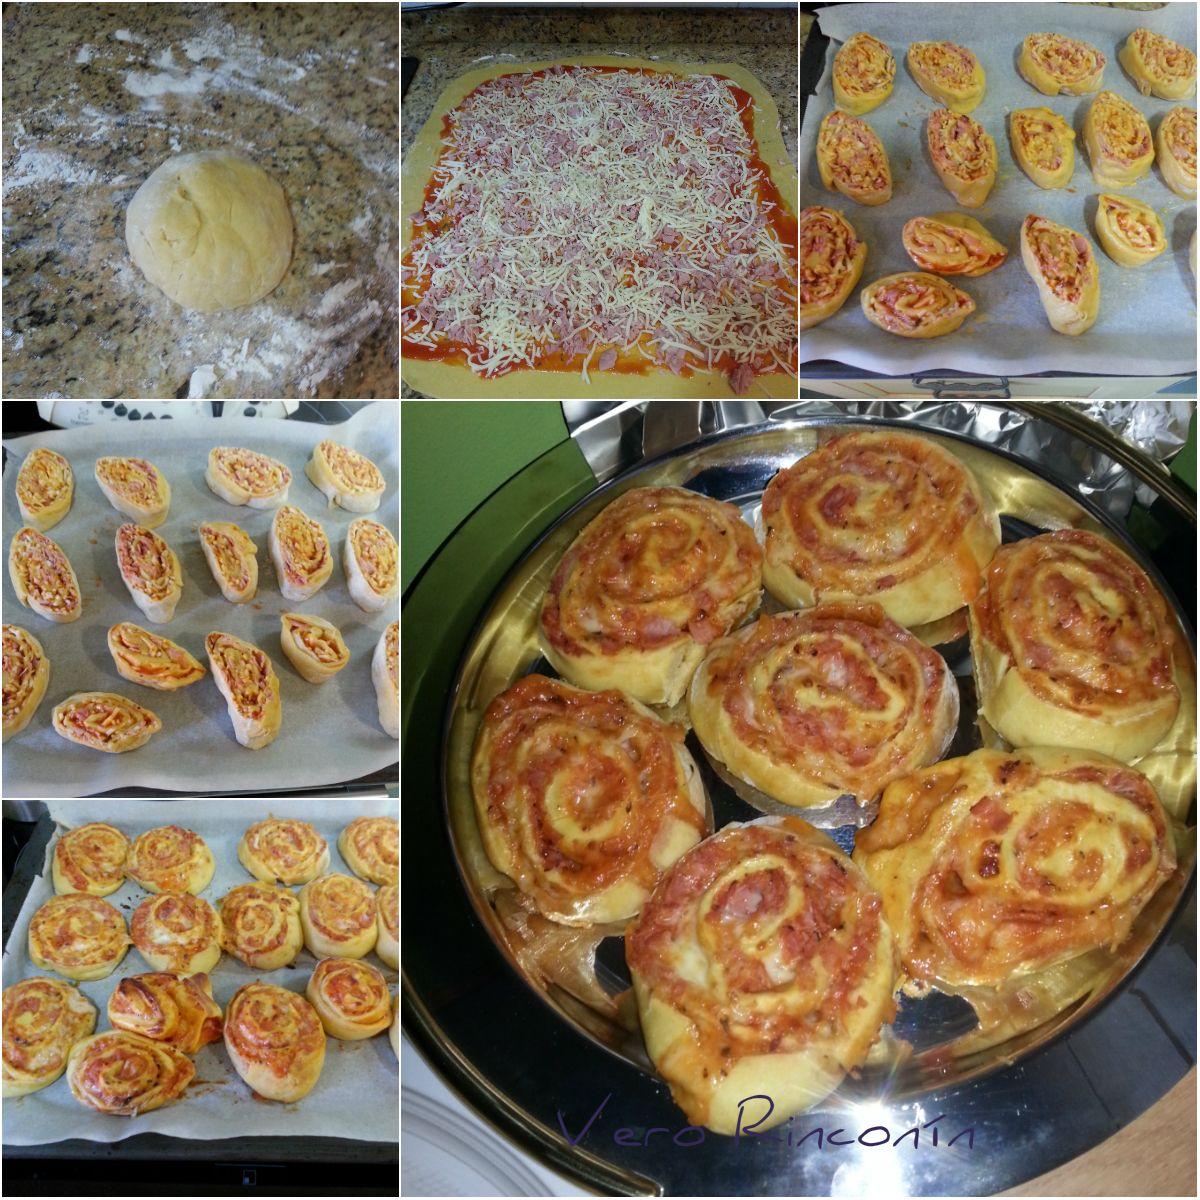 Espirales de pizza